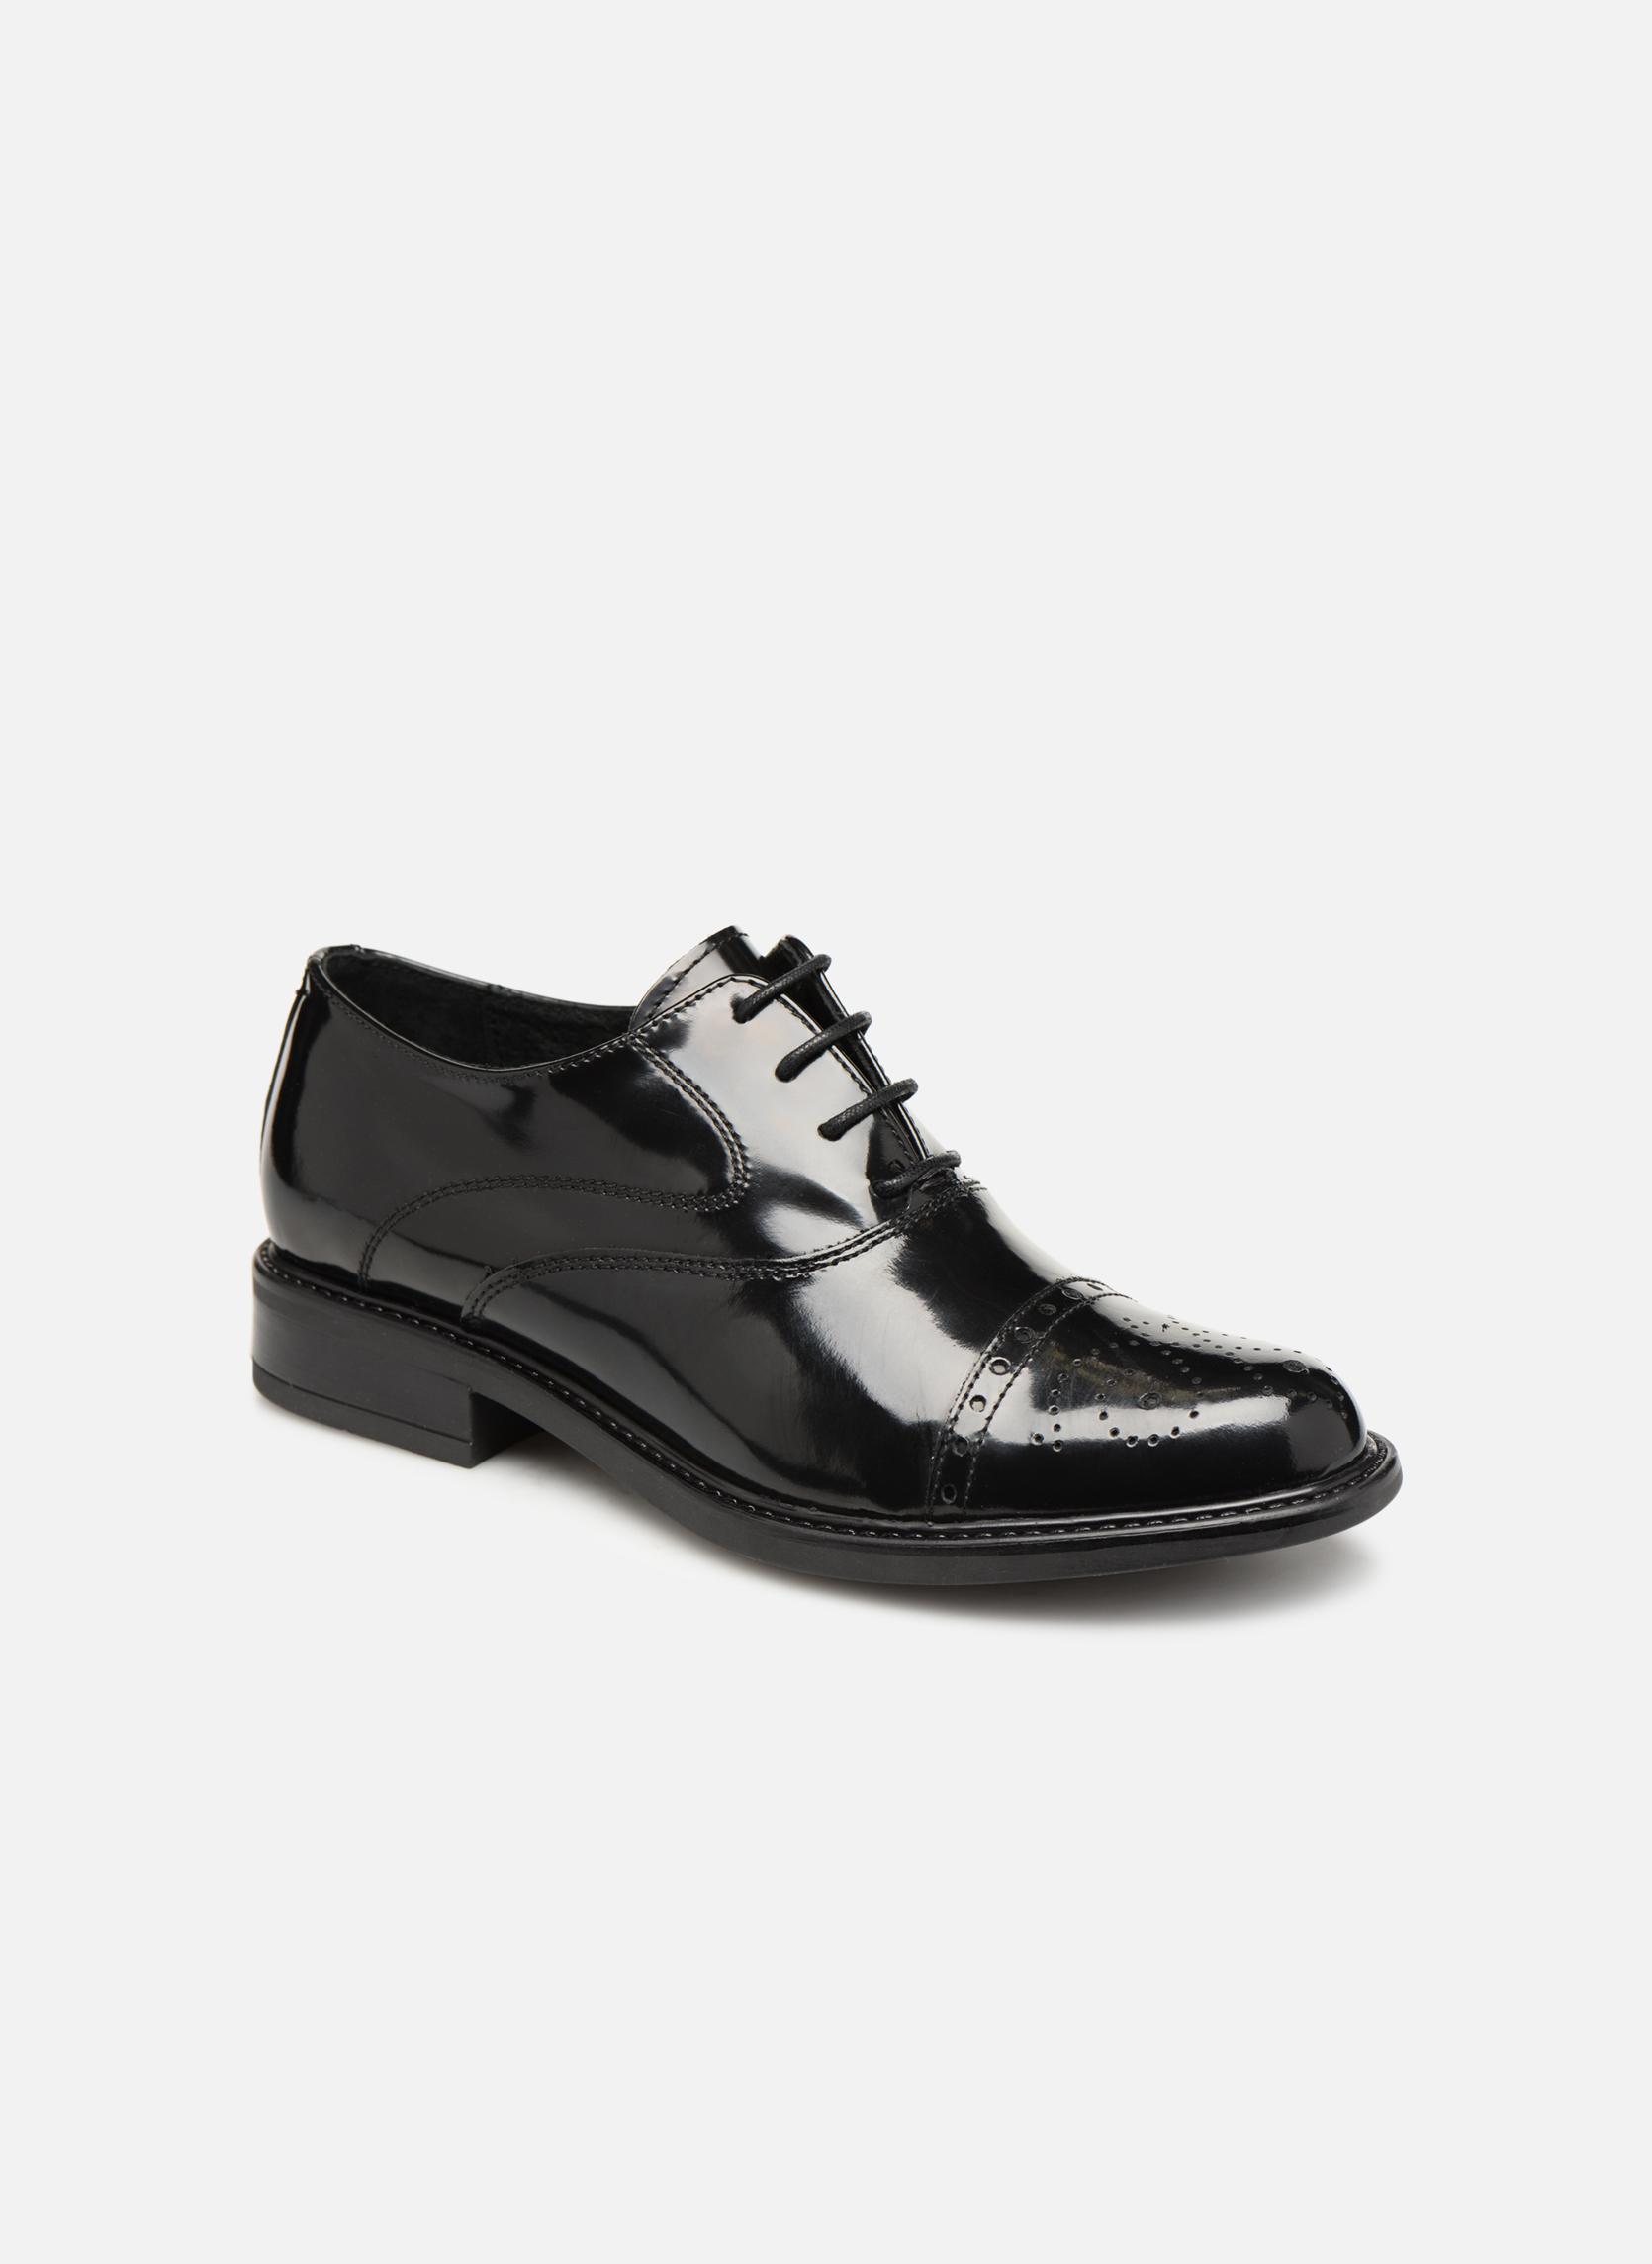 Chaussures à lacets Femme Tolla